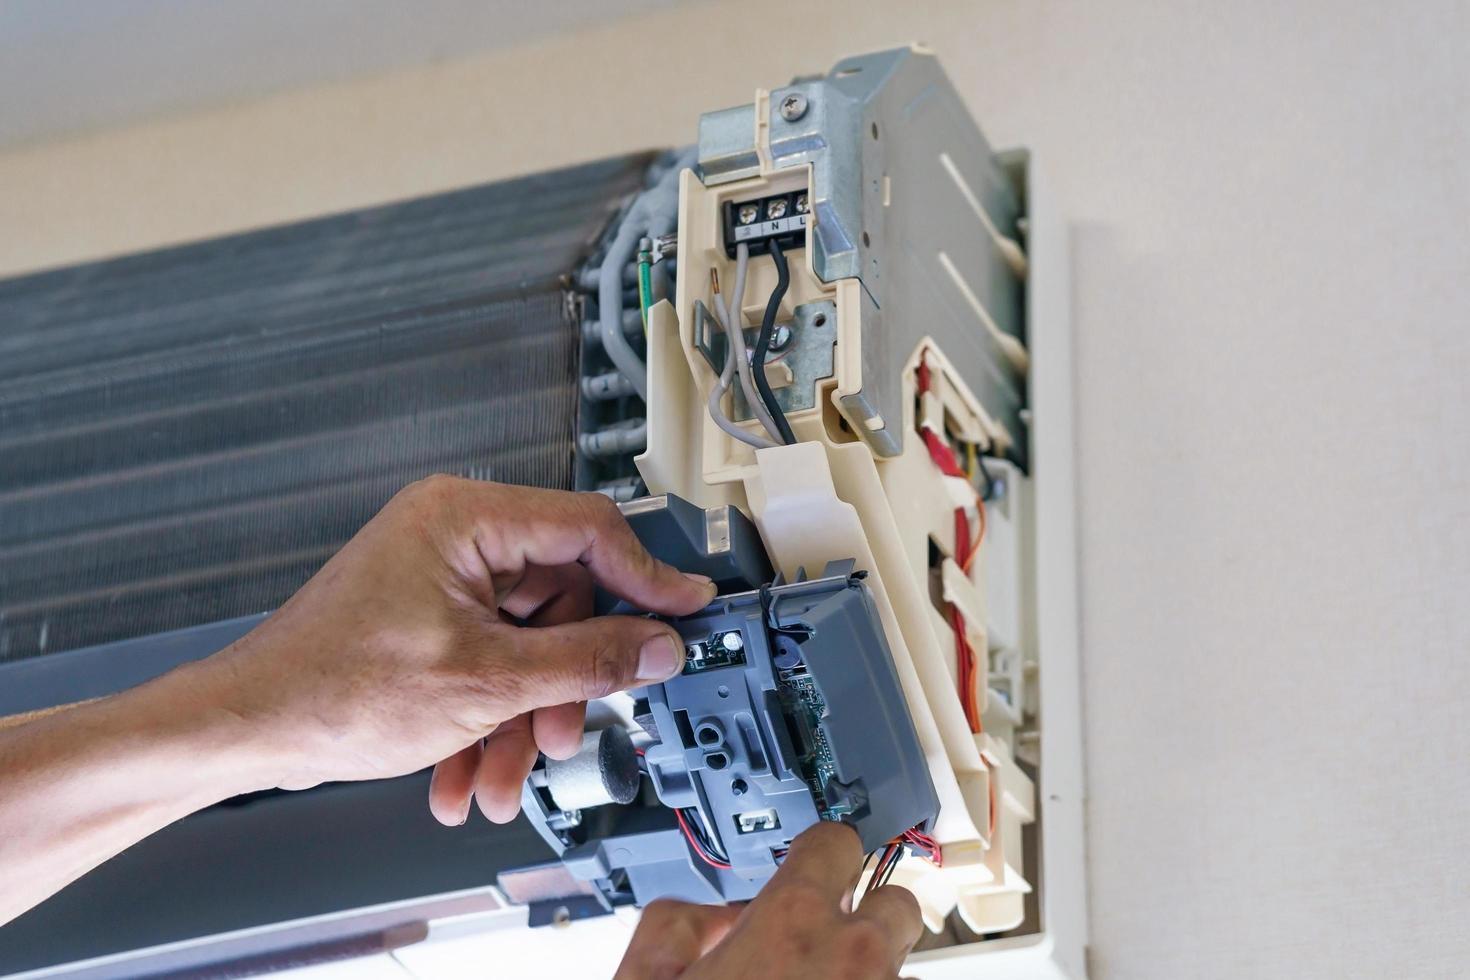 technicien réparant le climatiseur photo